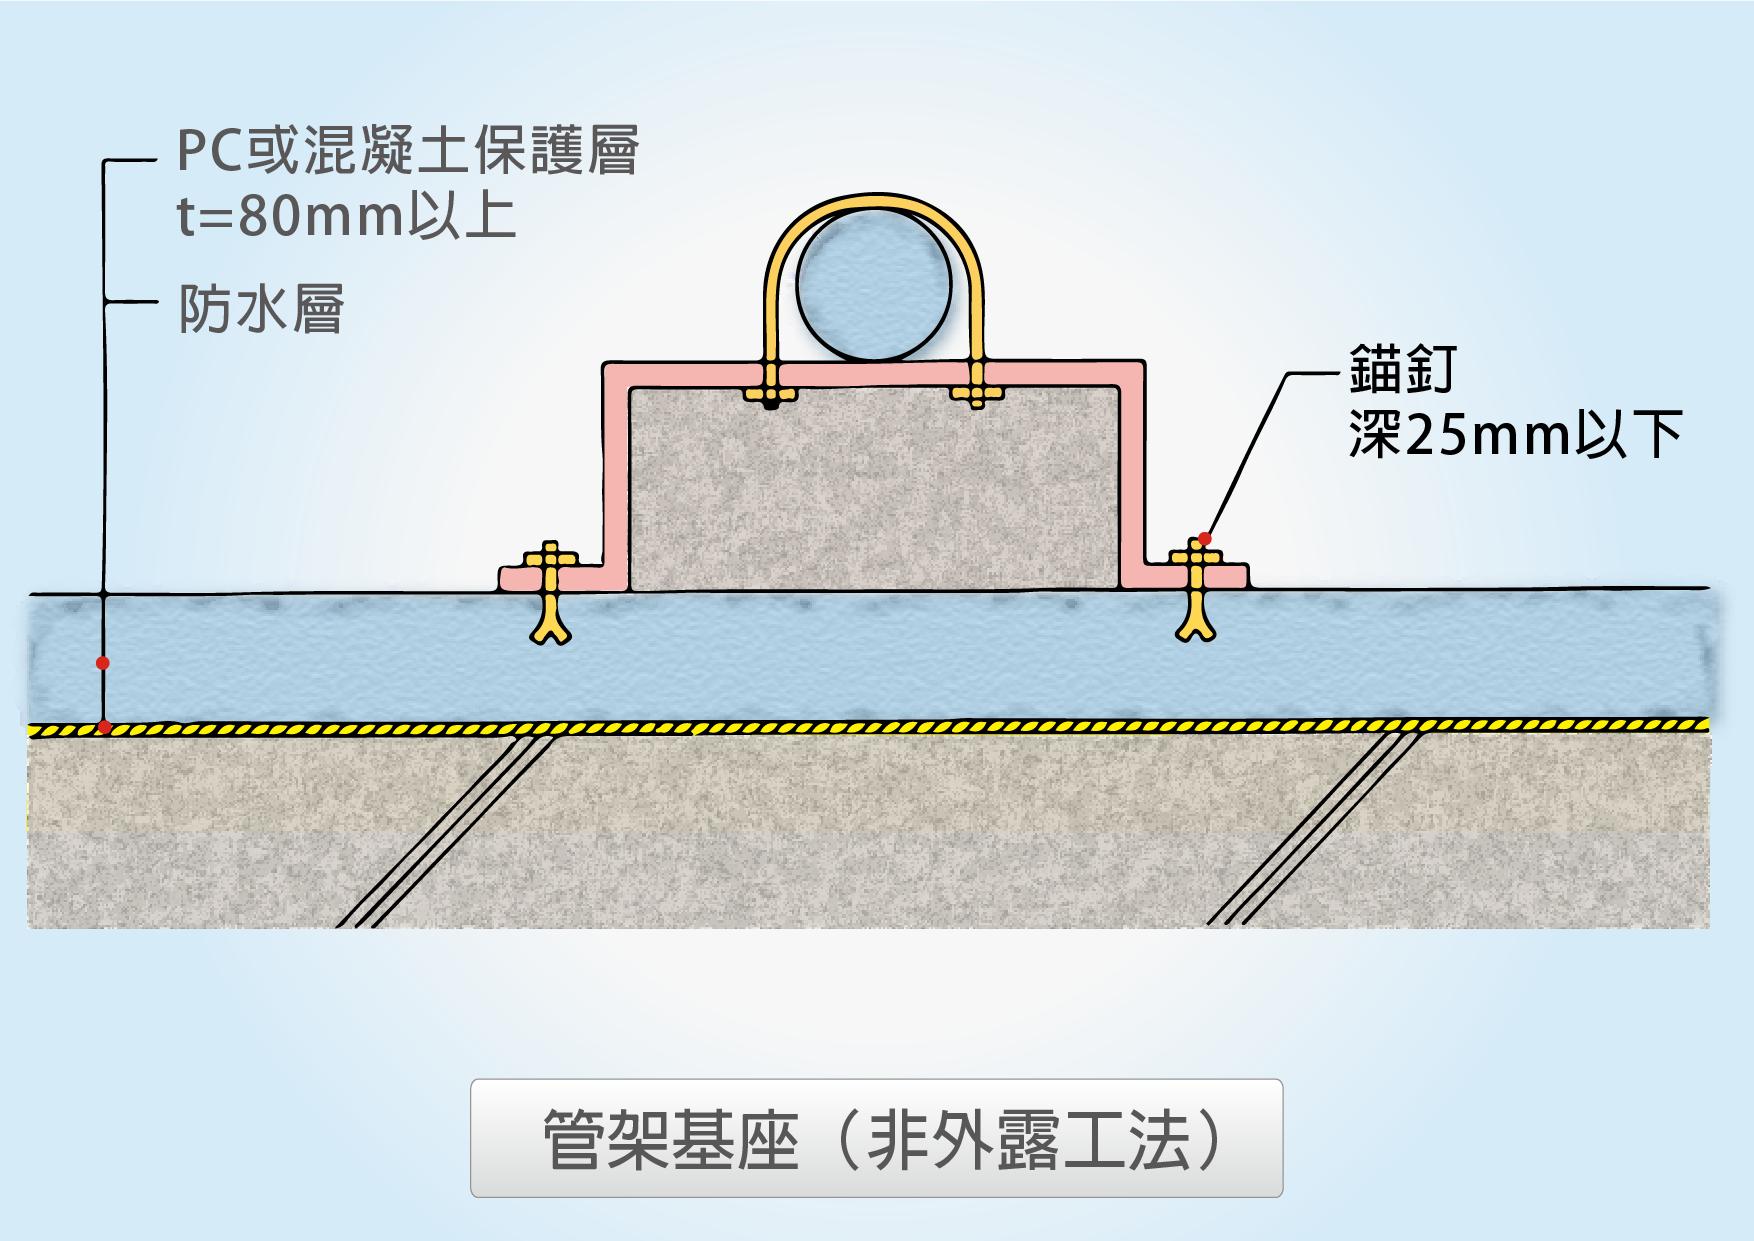 圖2-4-20-05(圖例五).png